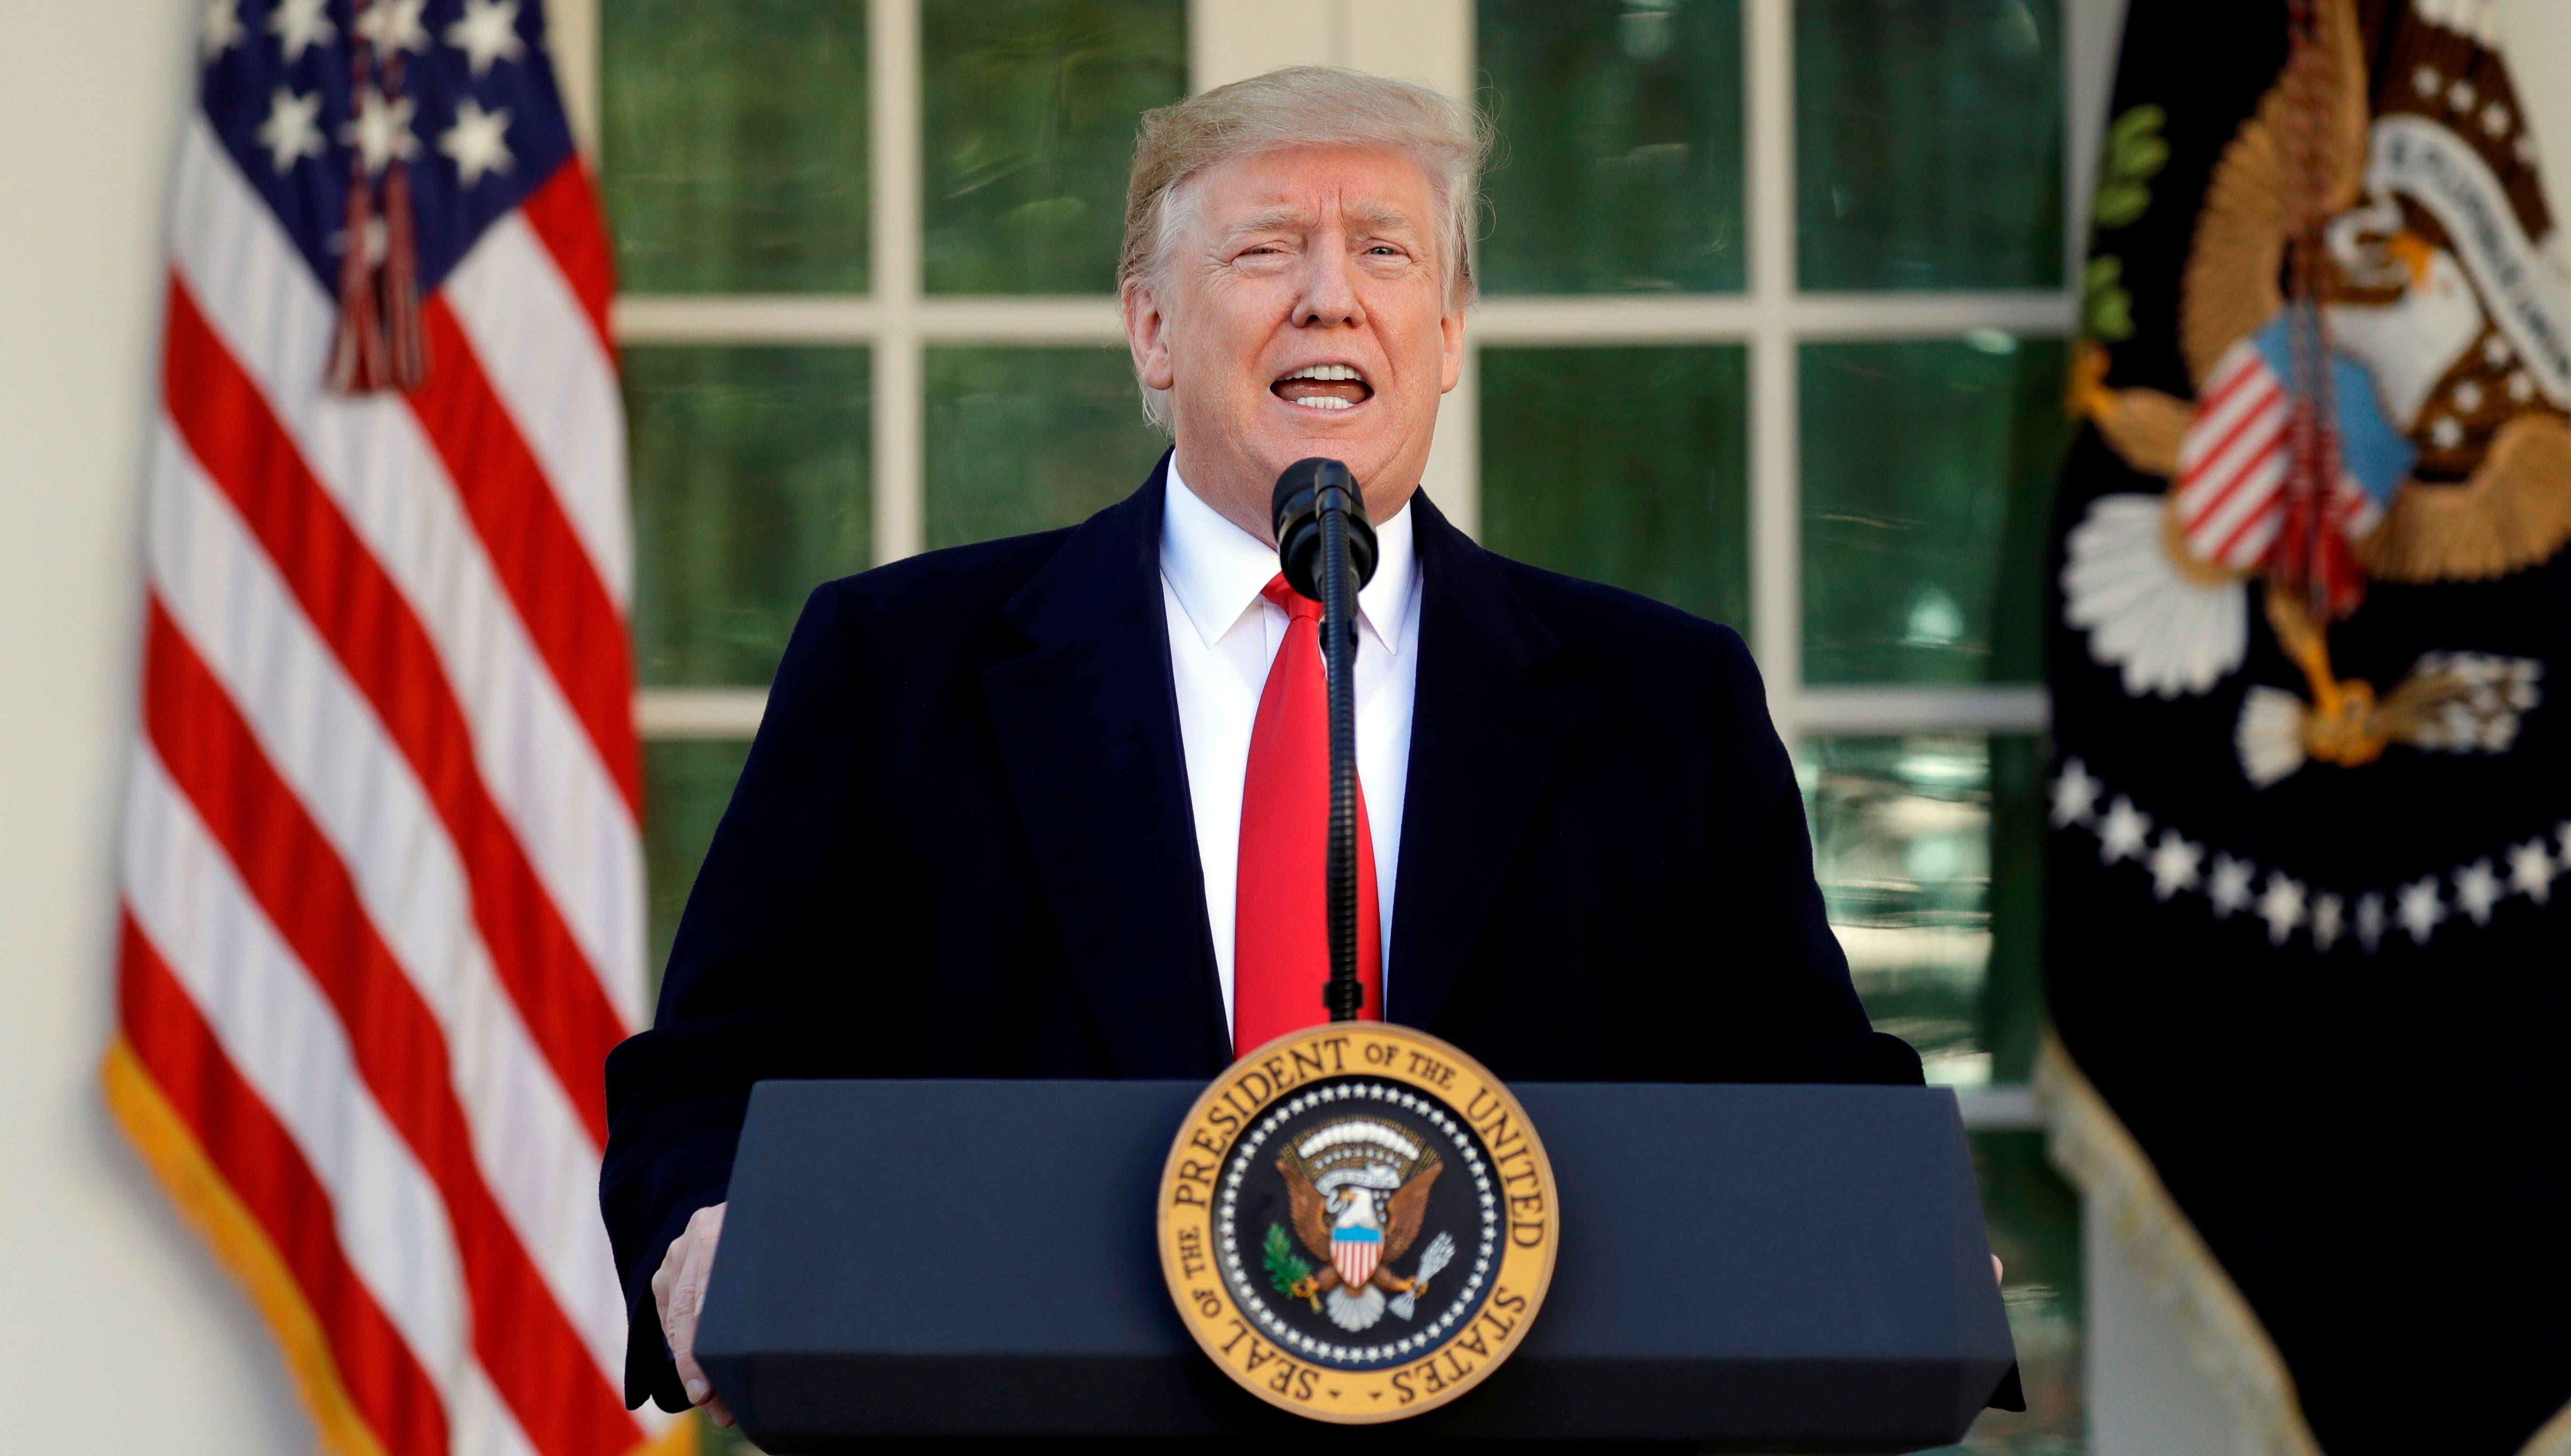 ¿Puede Donald Trump volver a postularse para la Presidencia de EE.UU.?